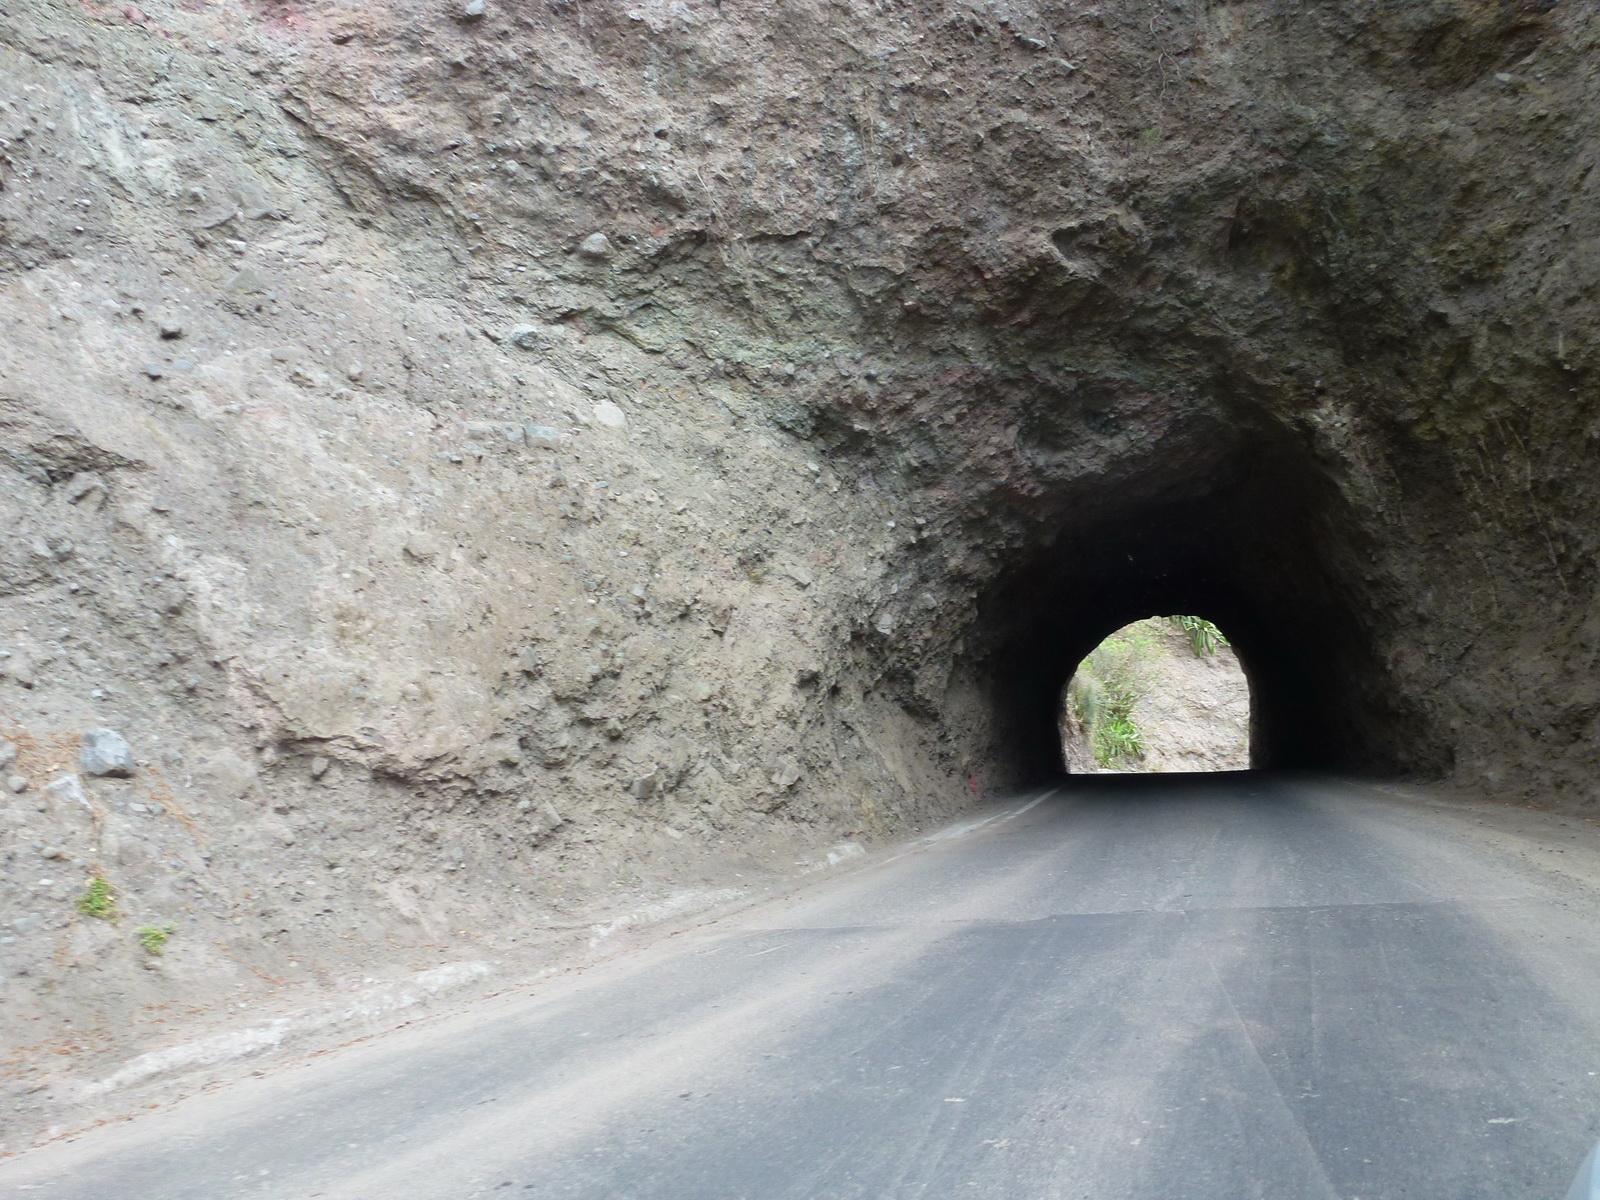 LA RÉUNION : la route de Cilaos, dite route aux 400 virages 538892P1030341